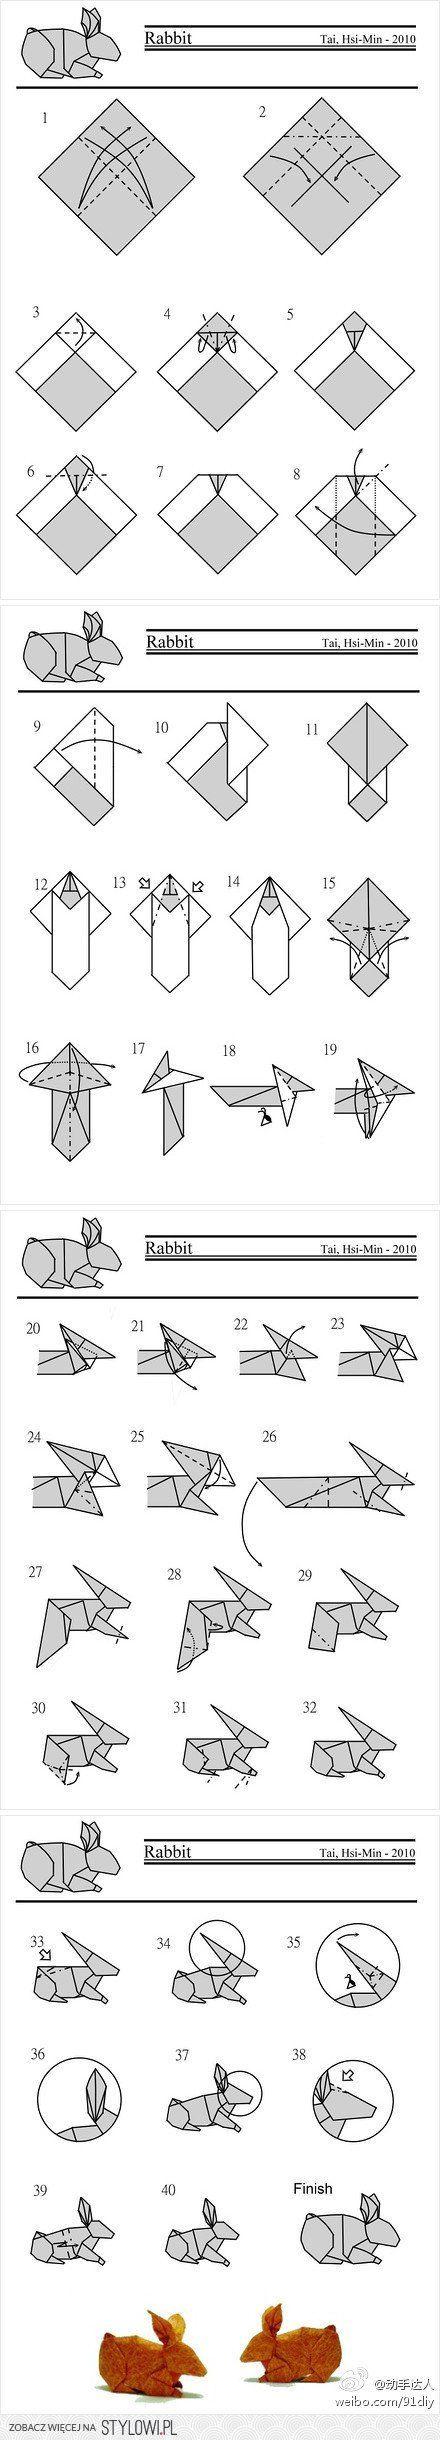 Cute Konijn Origami Folding Instructies | Origami Inst ... op Stylowi.pl